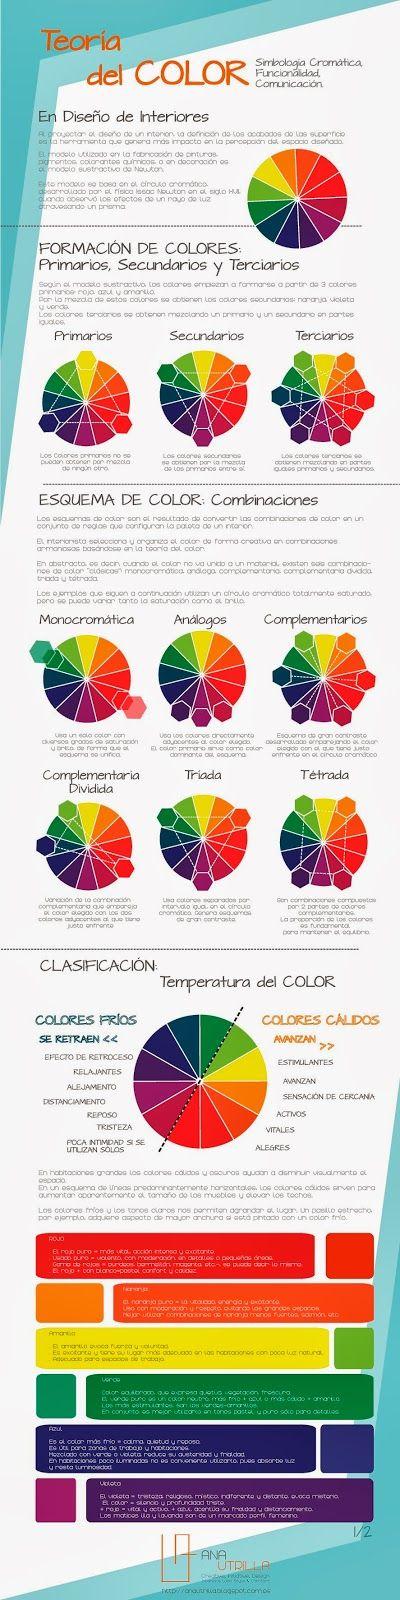 Teoría del Color en: DISEÑO DE INTERIORES #Infografía #Diseño #Colores http://jrstudioweb.com/diseno-grafico/diseno-de-logotipos/